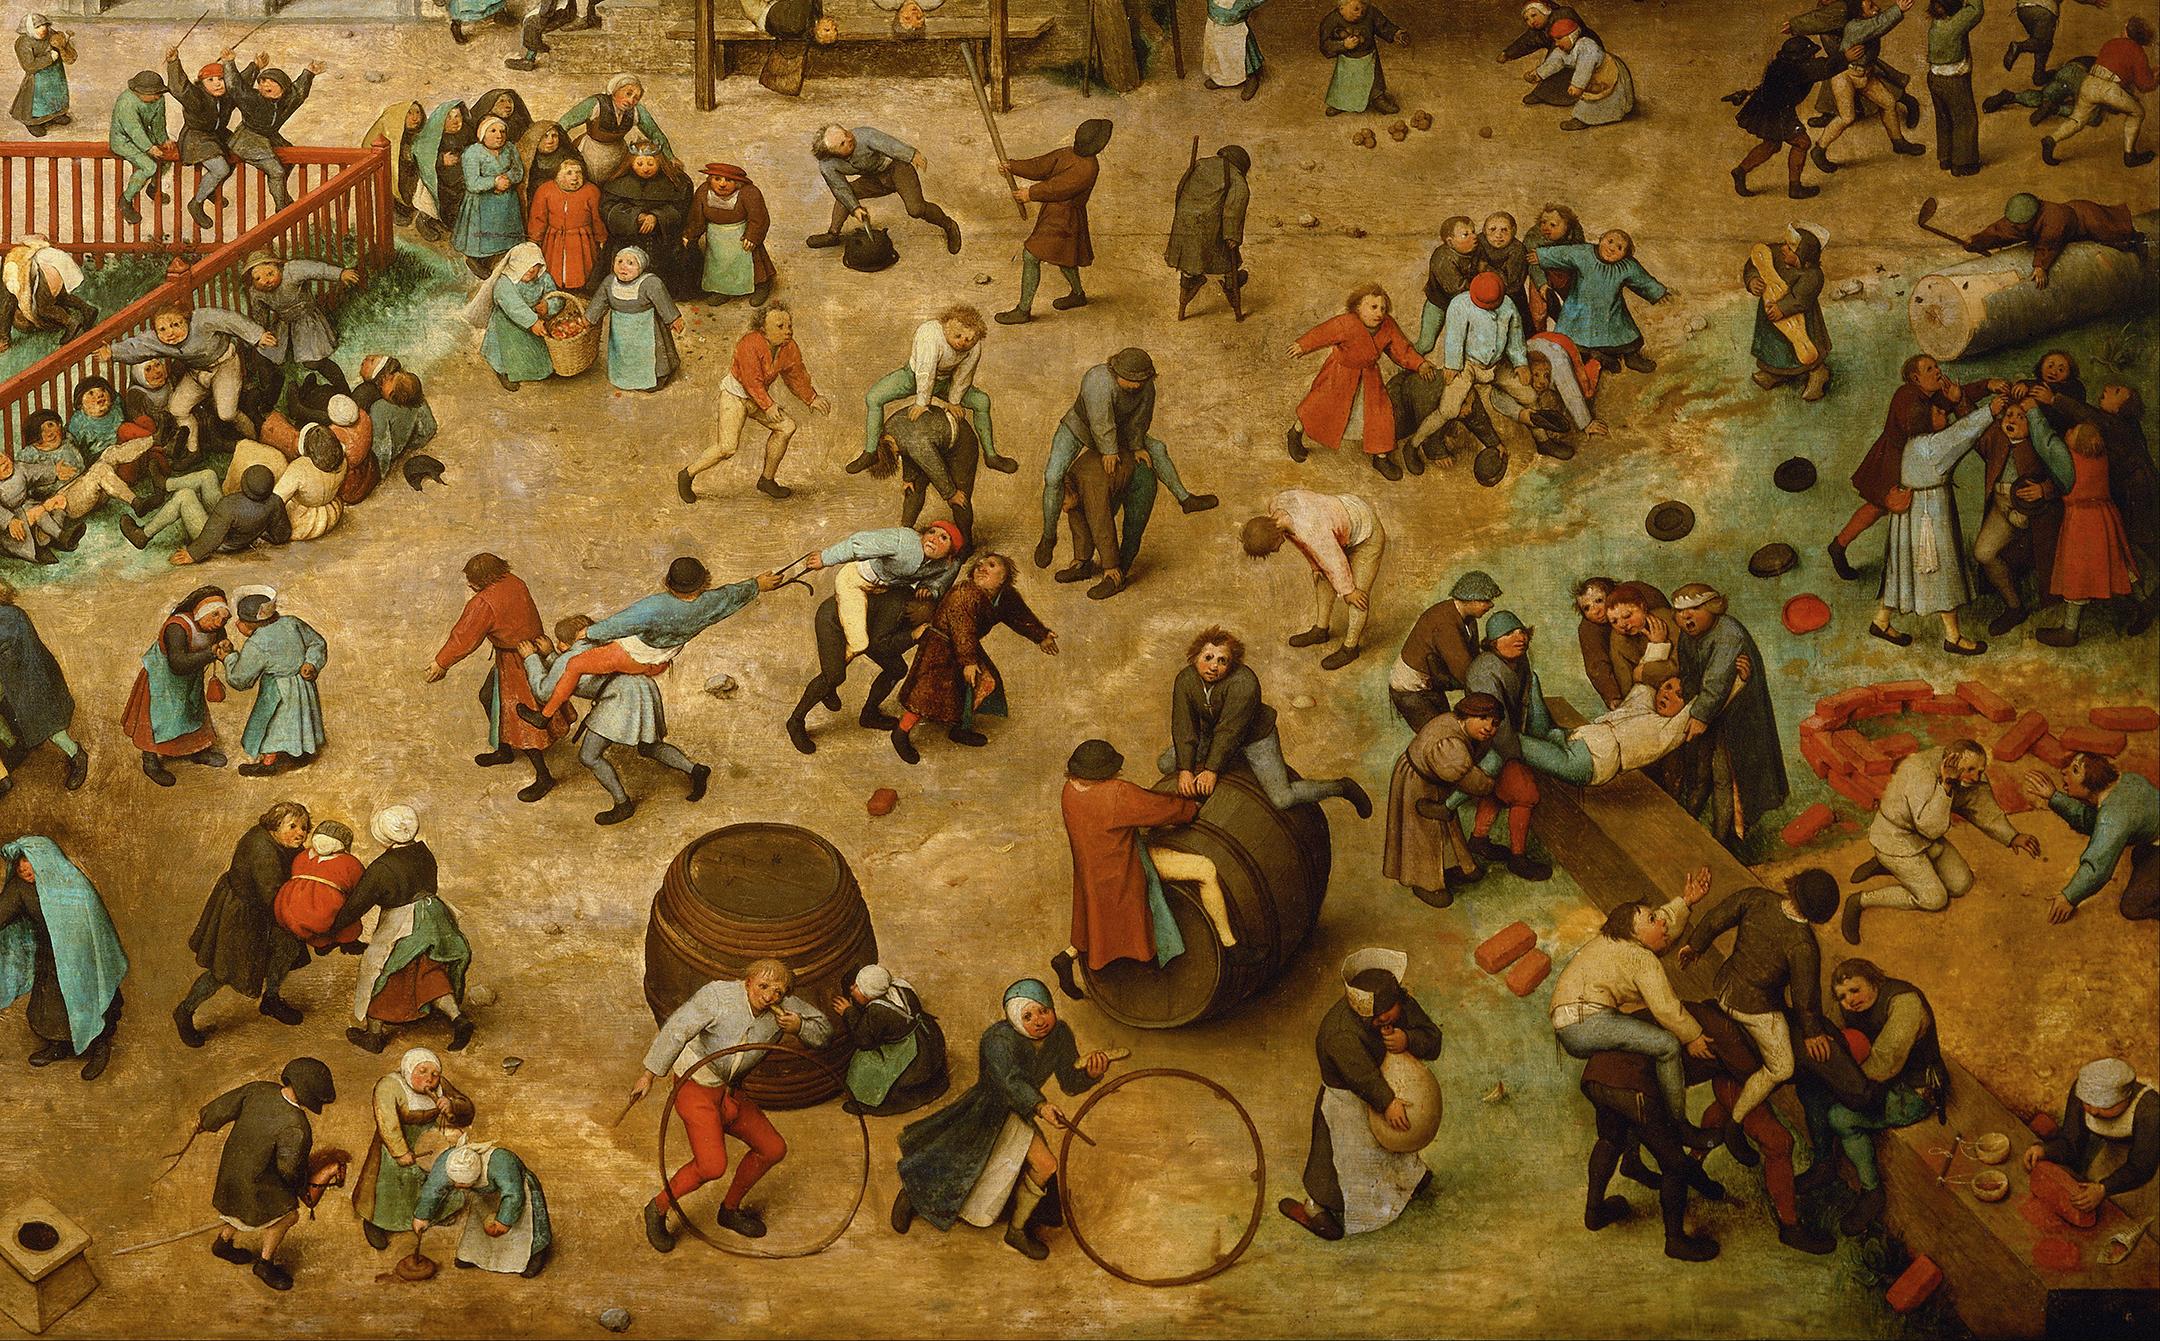 Pieter Bruegel l'Ancien, Jeux d'enfants, 1560, Musée d'histoire de l'art de Vienne